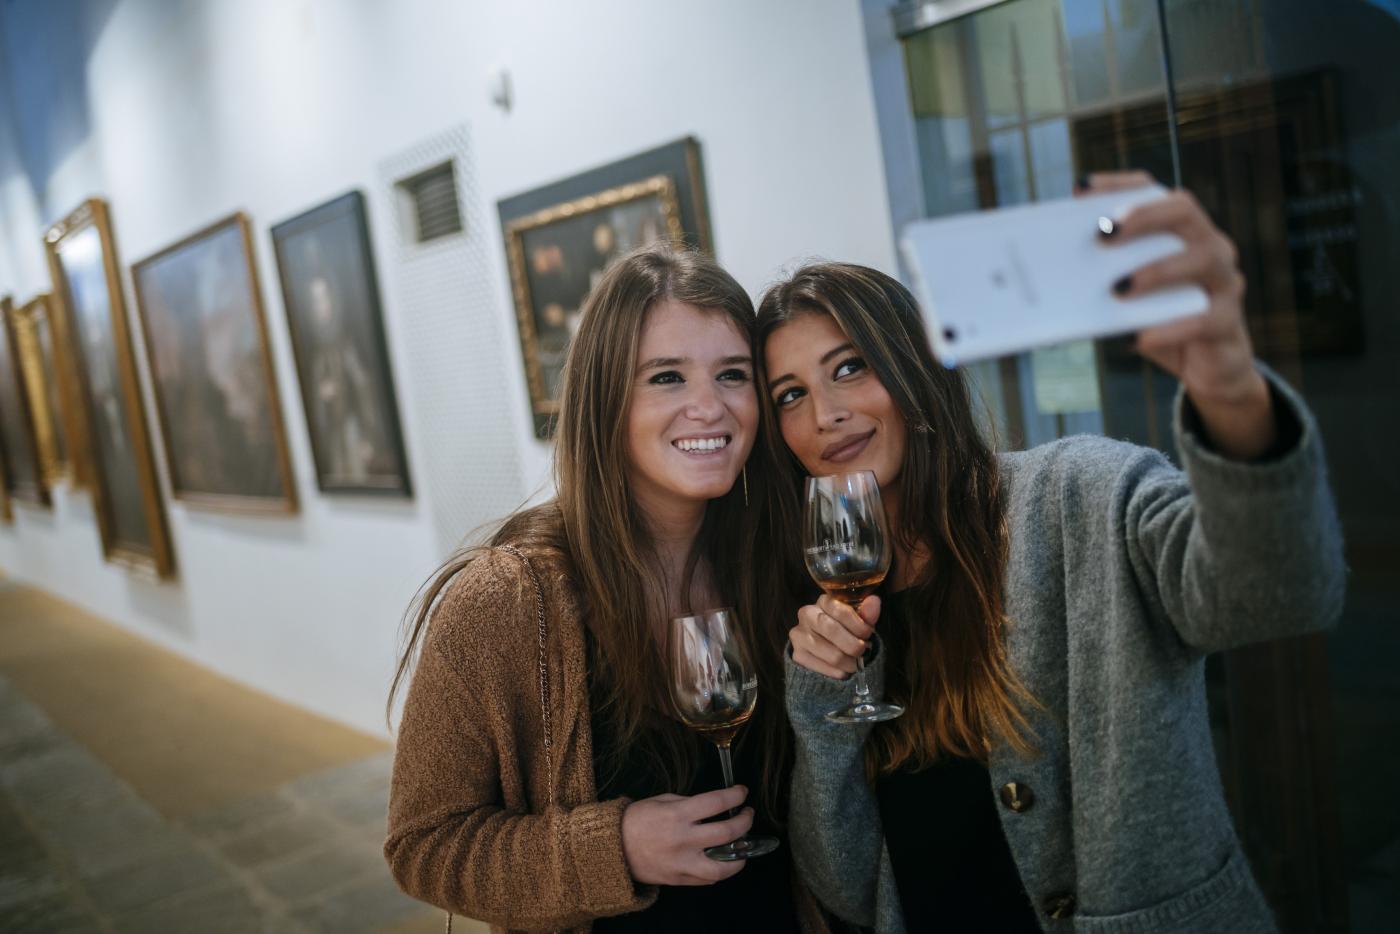 Blog Bodegas Tradición - El turismo del vino está en auge en Jerez de la Frontera